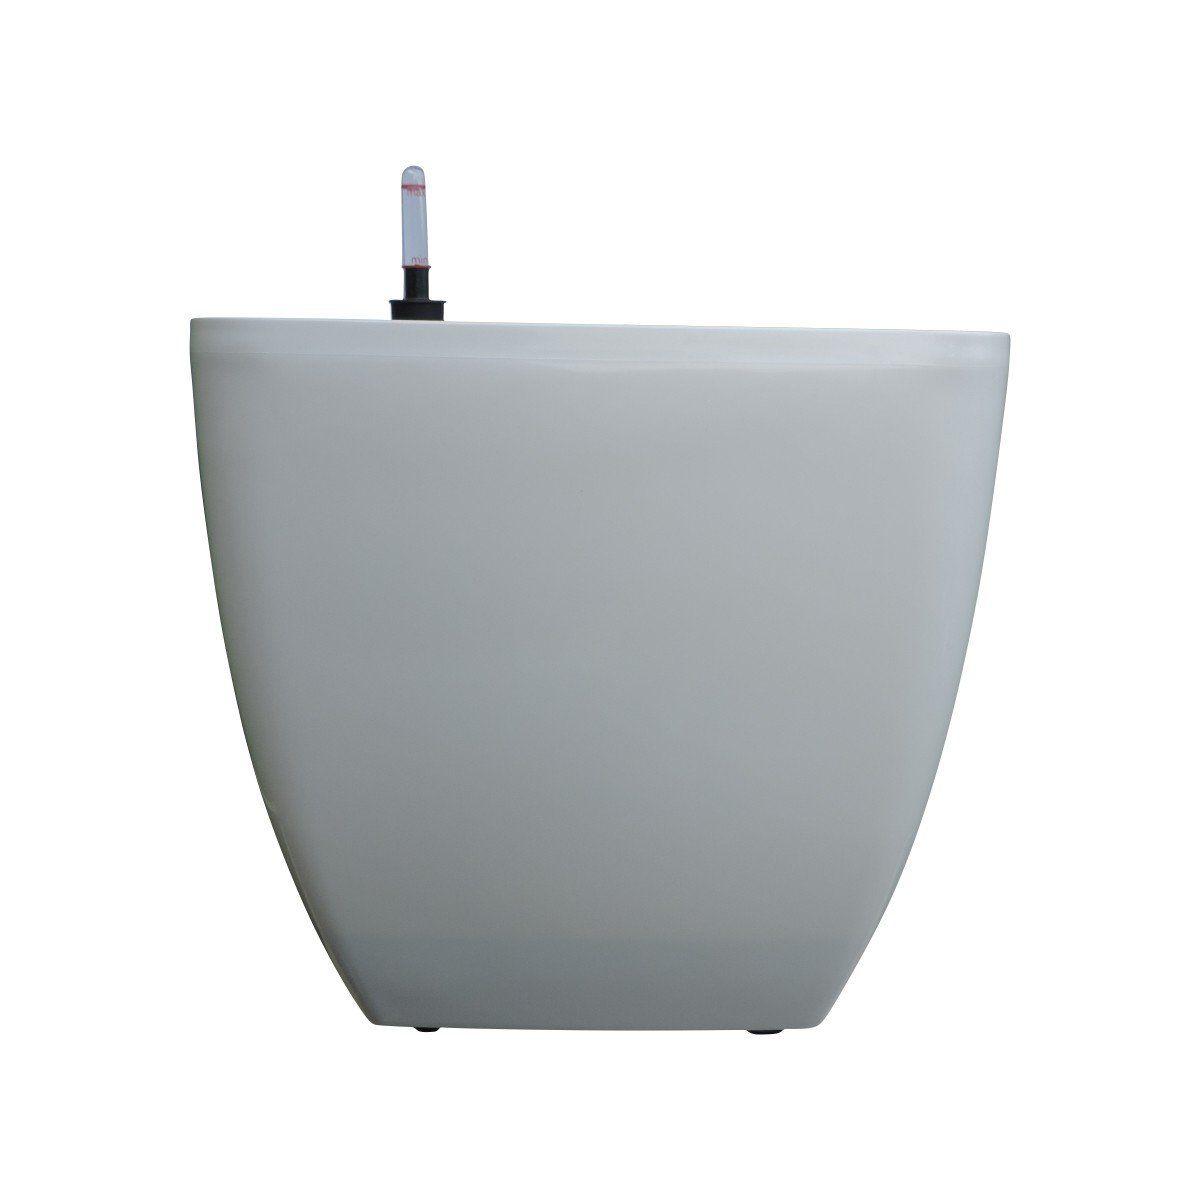 Vaso Quadrado Oxford Autoirrigável 30cm x 30cm com Rodinhas Branco